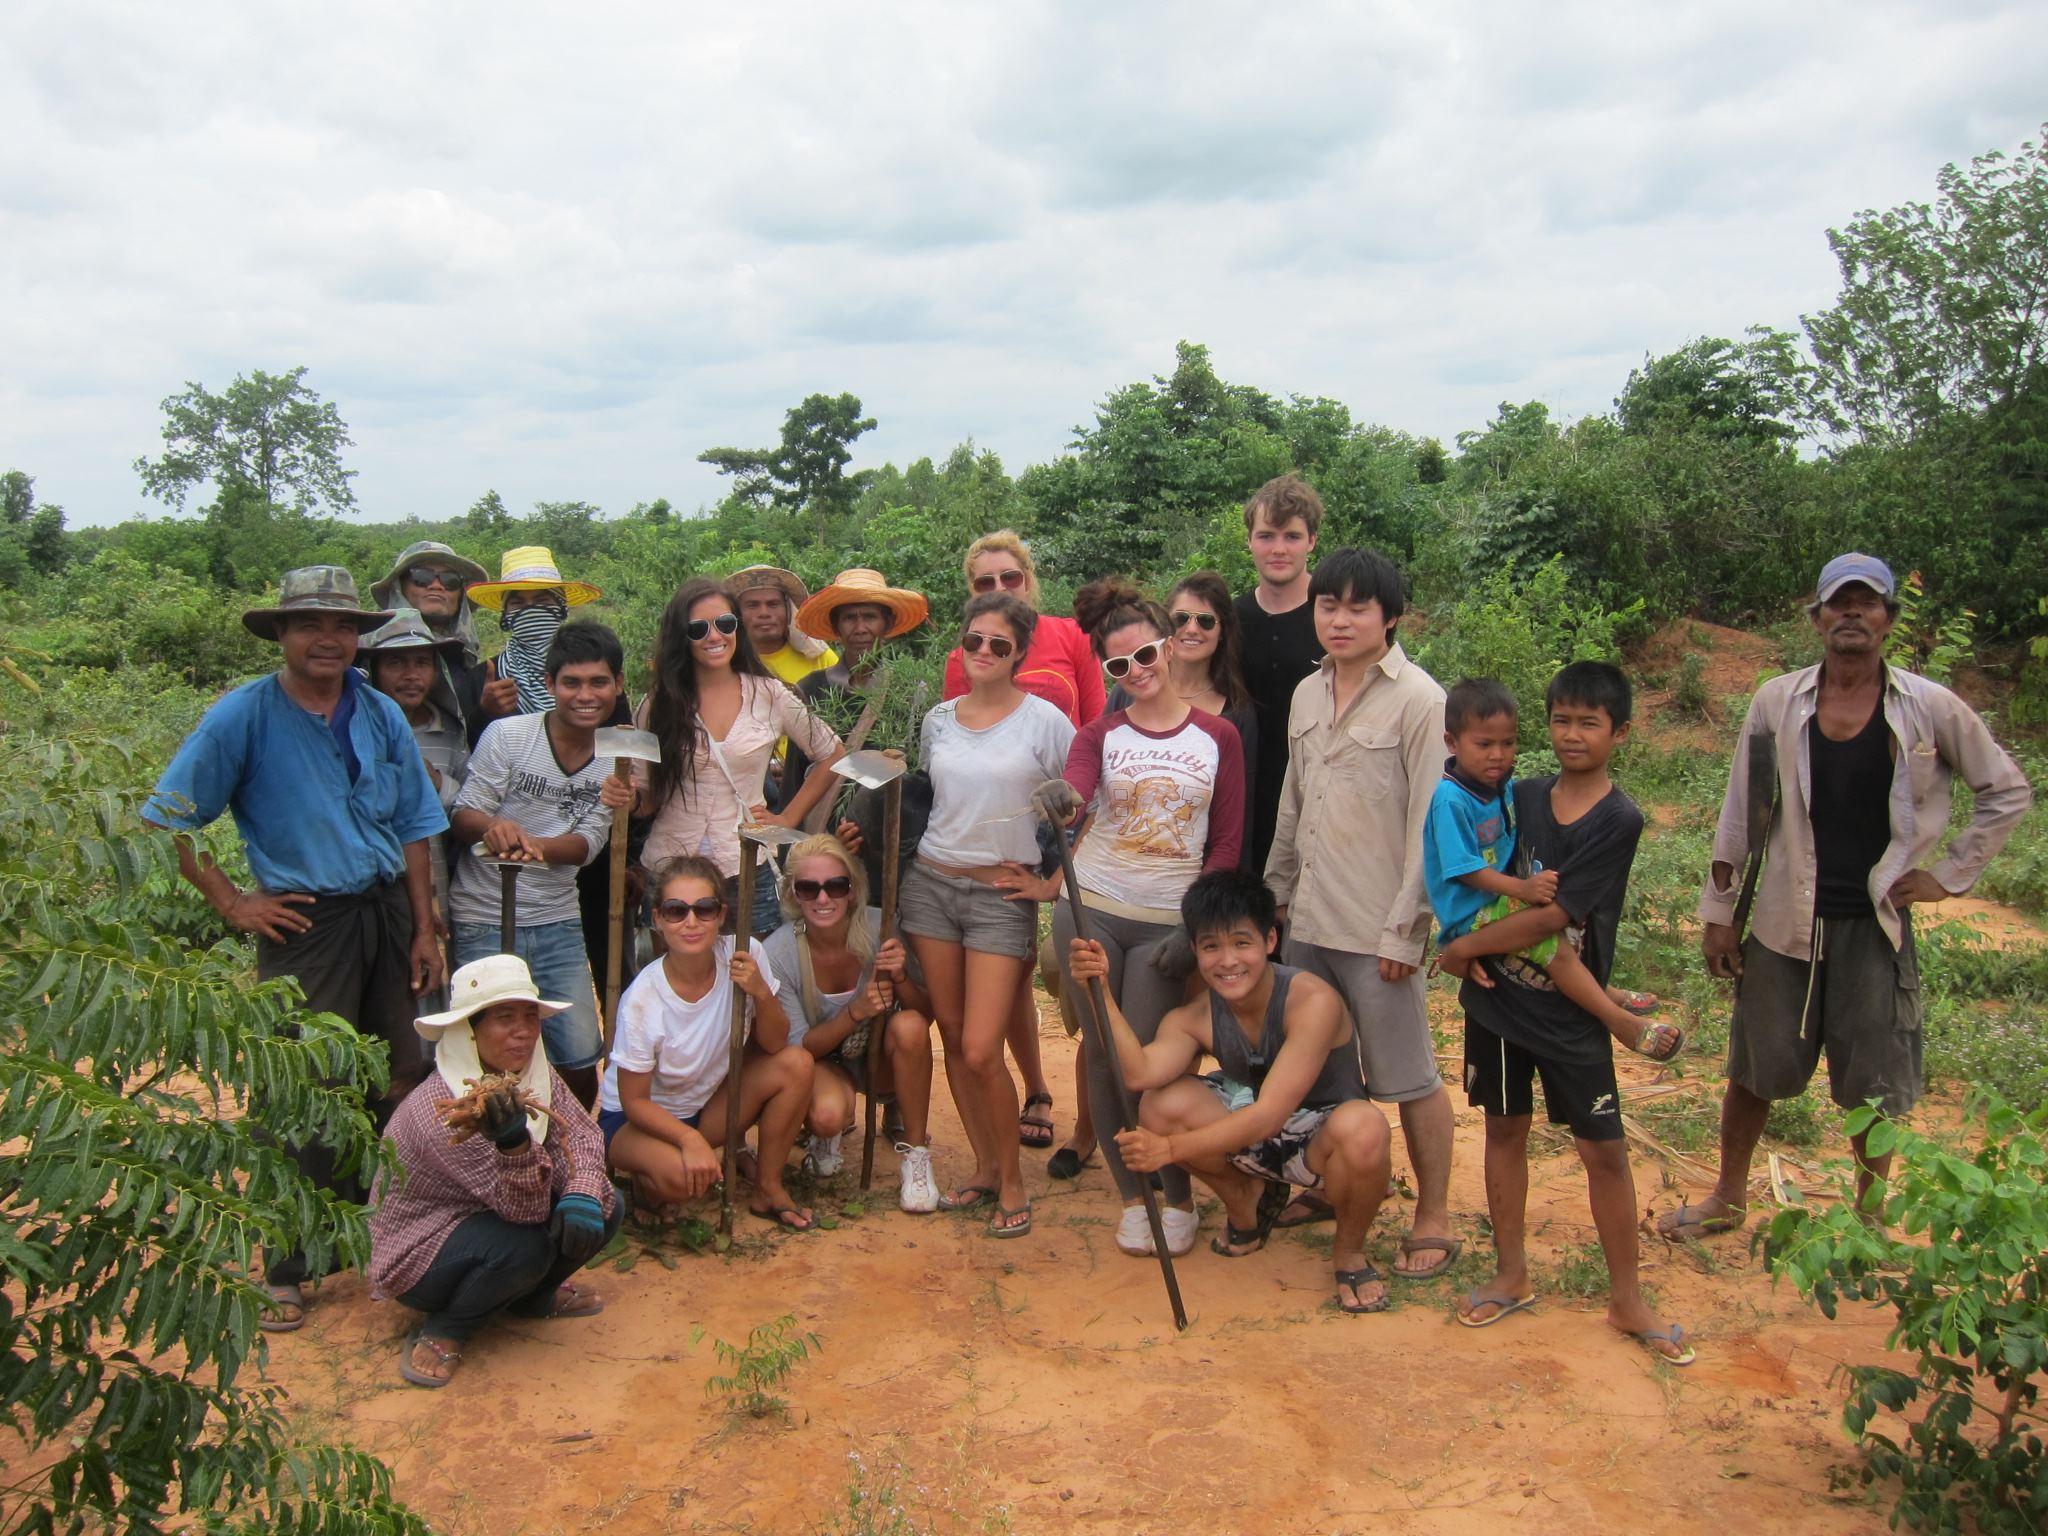 Teenager volunteering programs